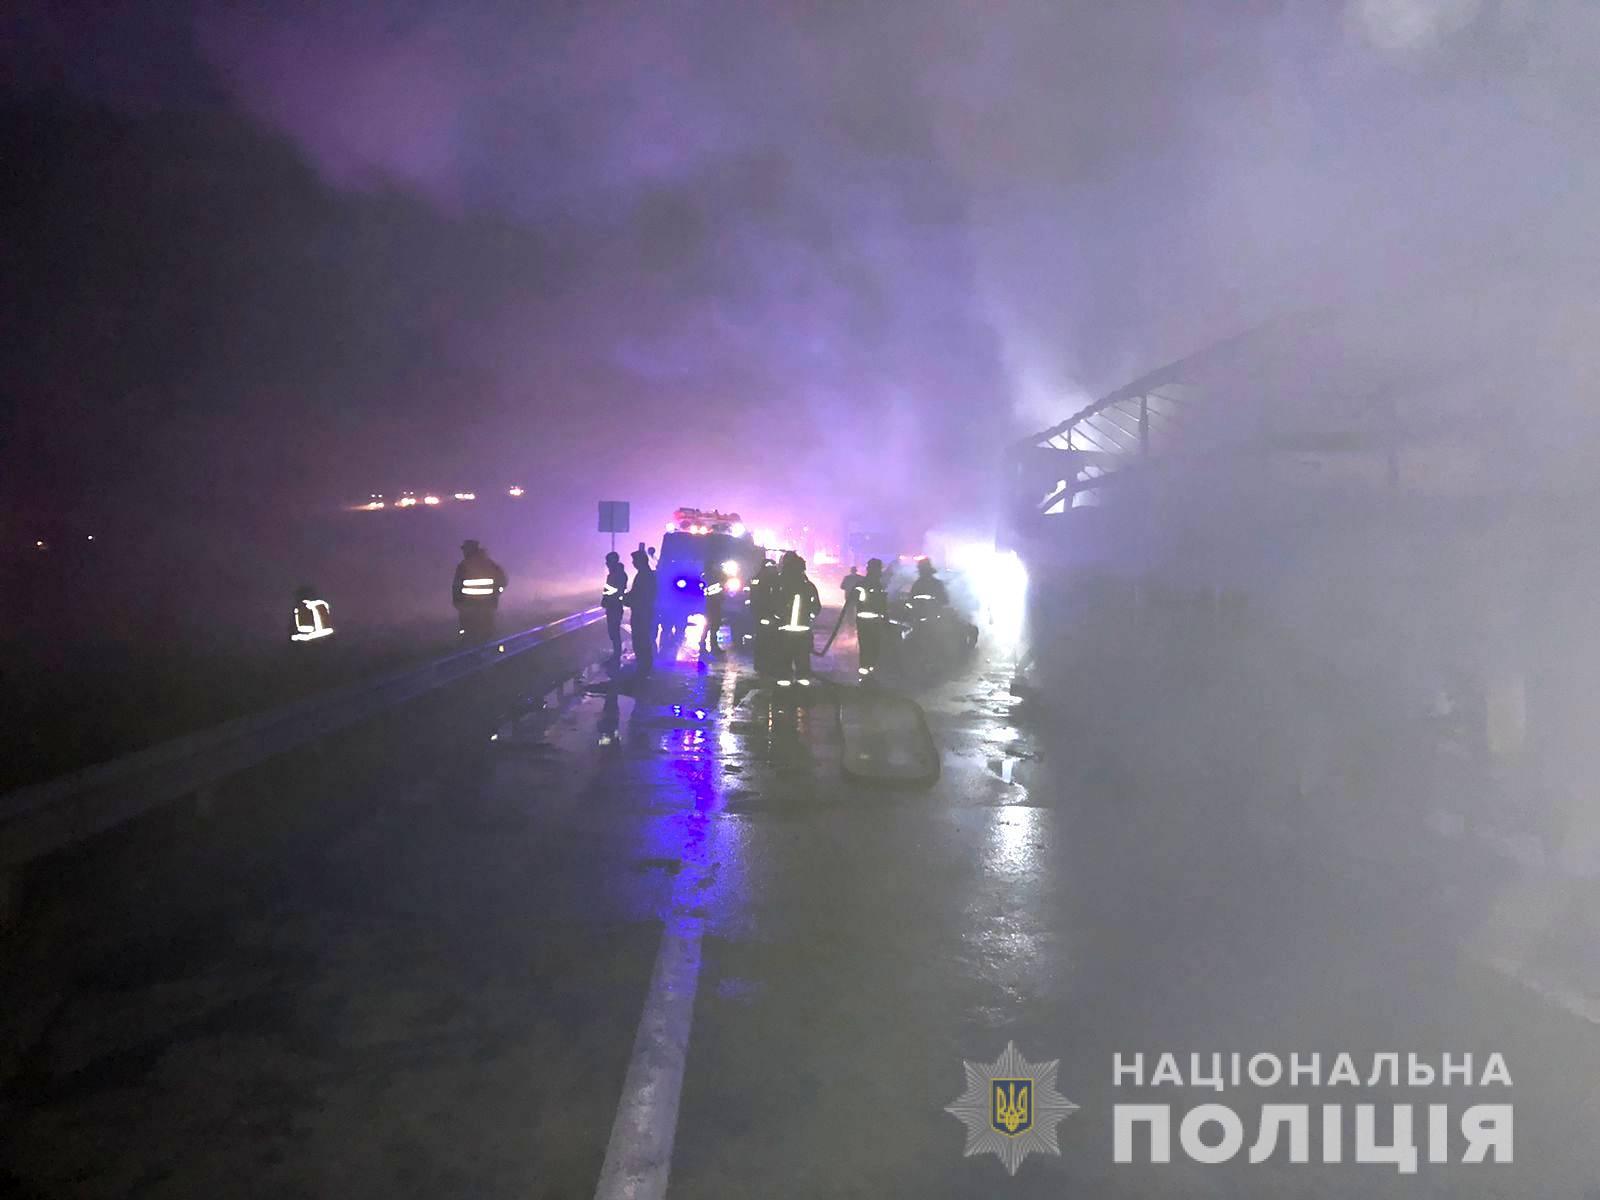 Масштабное ДТП на трассе Киев-Одесса - 3 погибших, объезд по Старокиевской дороге (ФОТО) 3